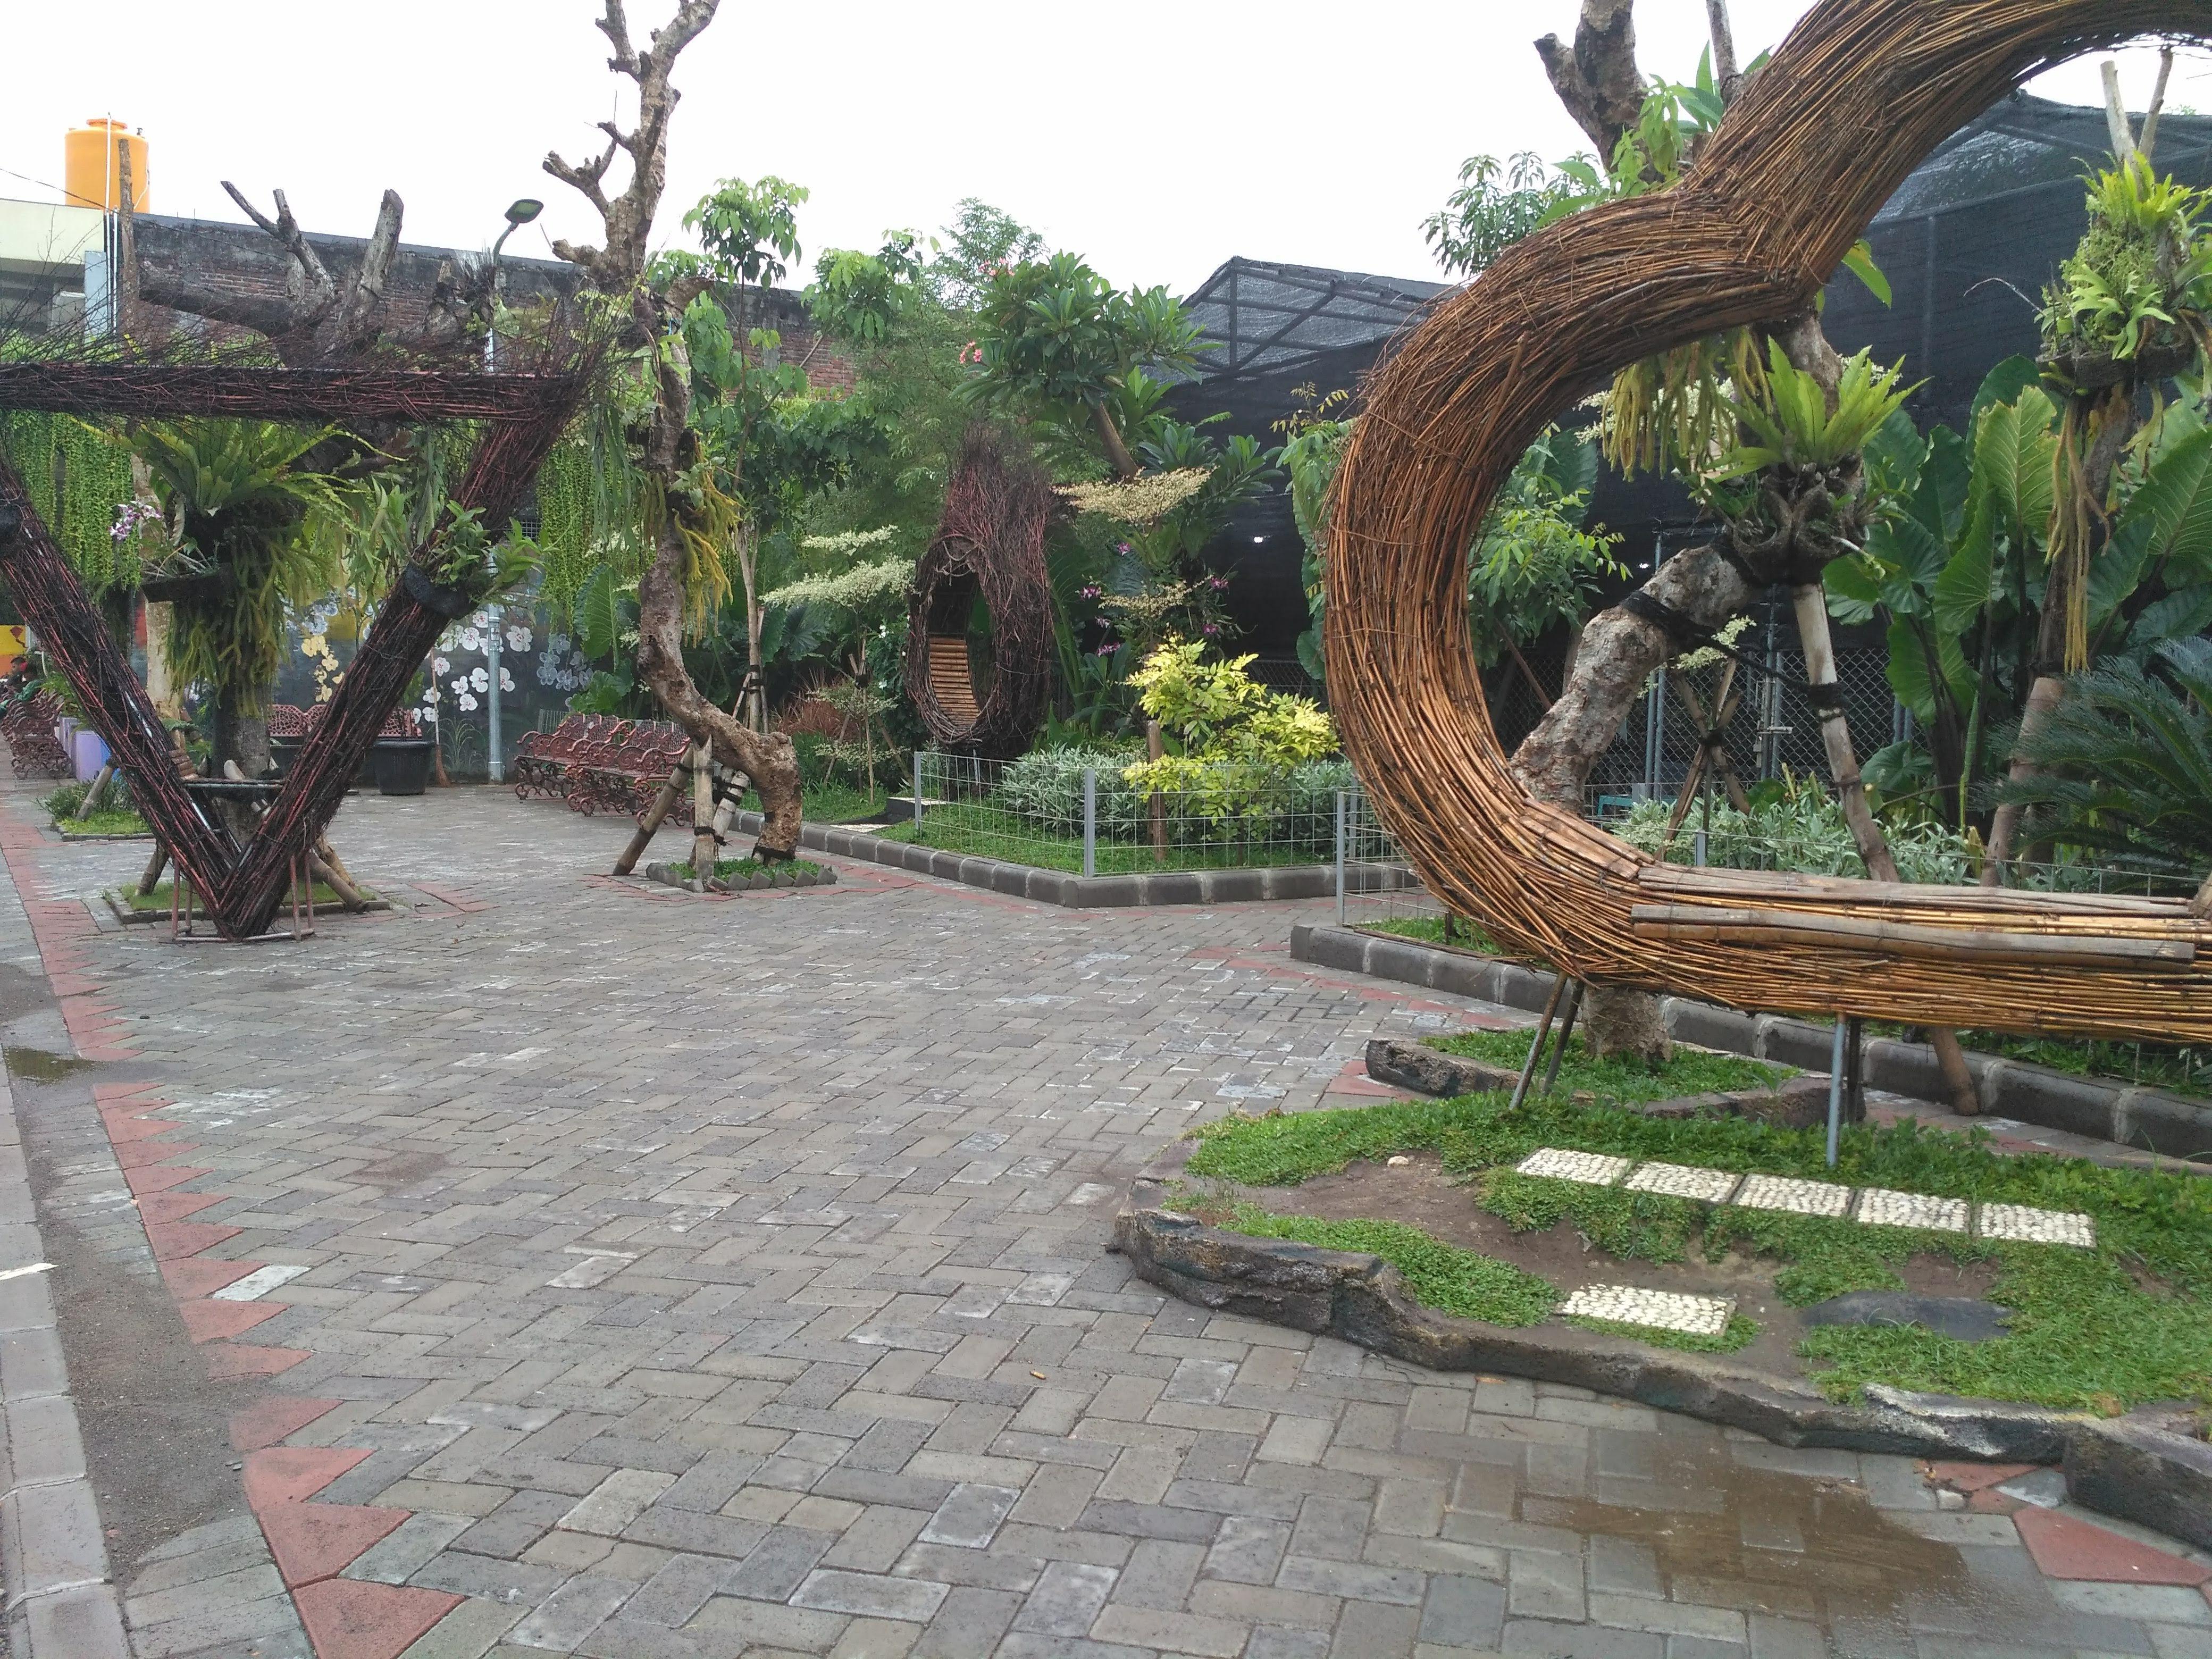 Taman Anggrek Surabaya